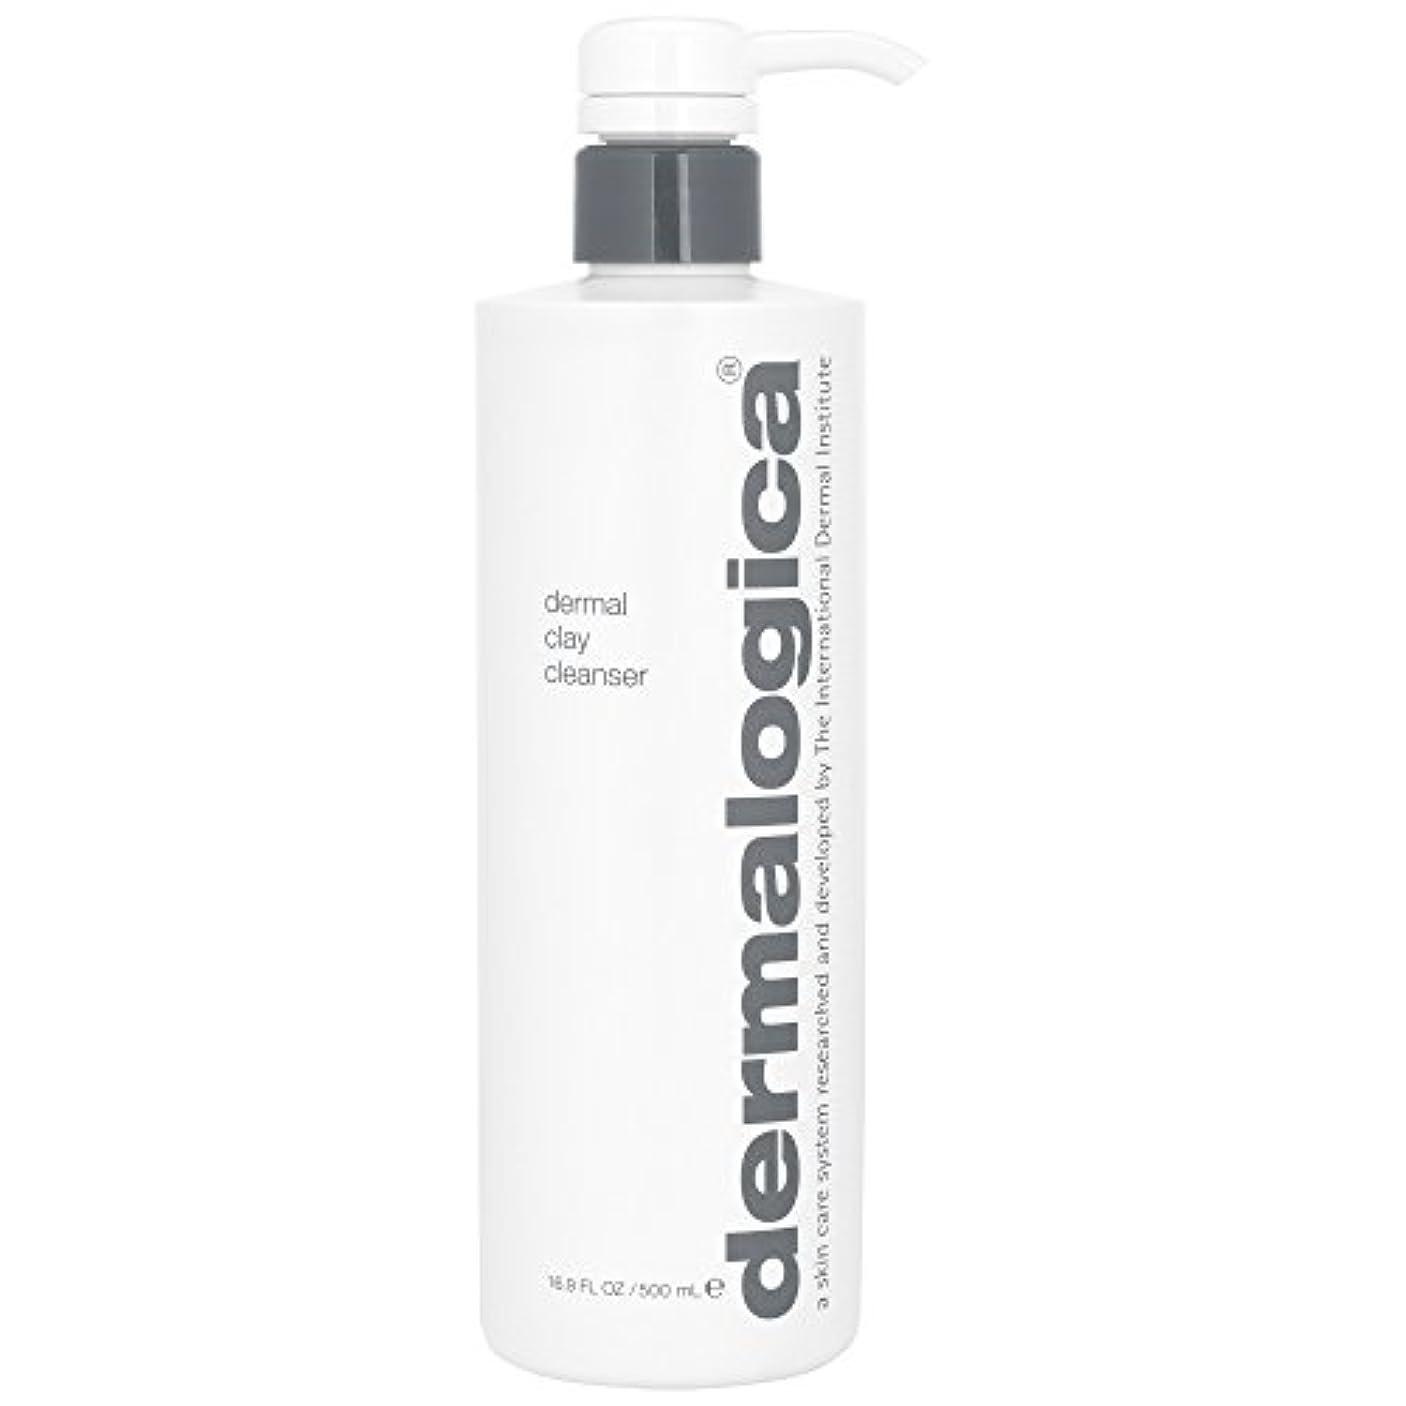 永久タイプ皿ダーマロジカ真皮クレイクレンザー500ミリリットル (Dermalogica) (x2) - Dermalogica Dermal Clay Cleanser 500ml (Pack of 2) [並行輸入品]